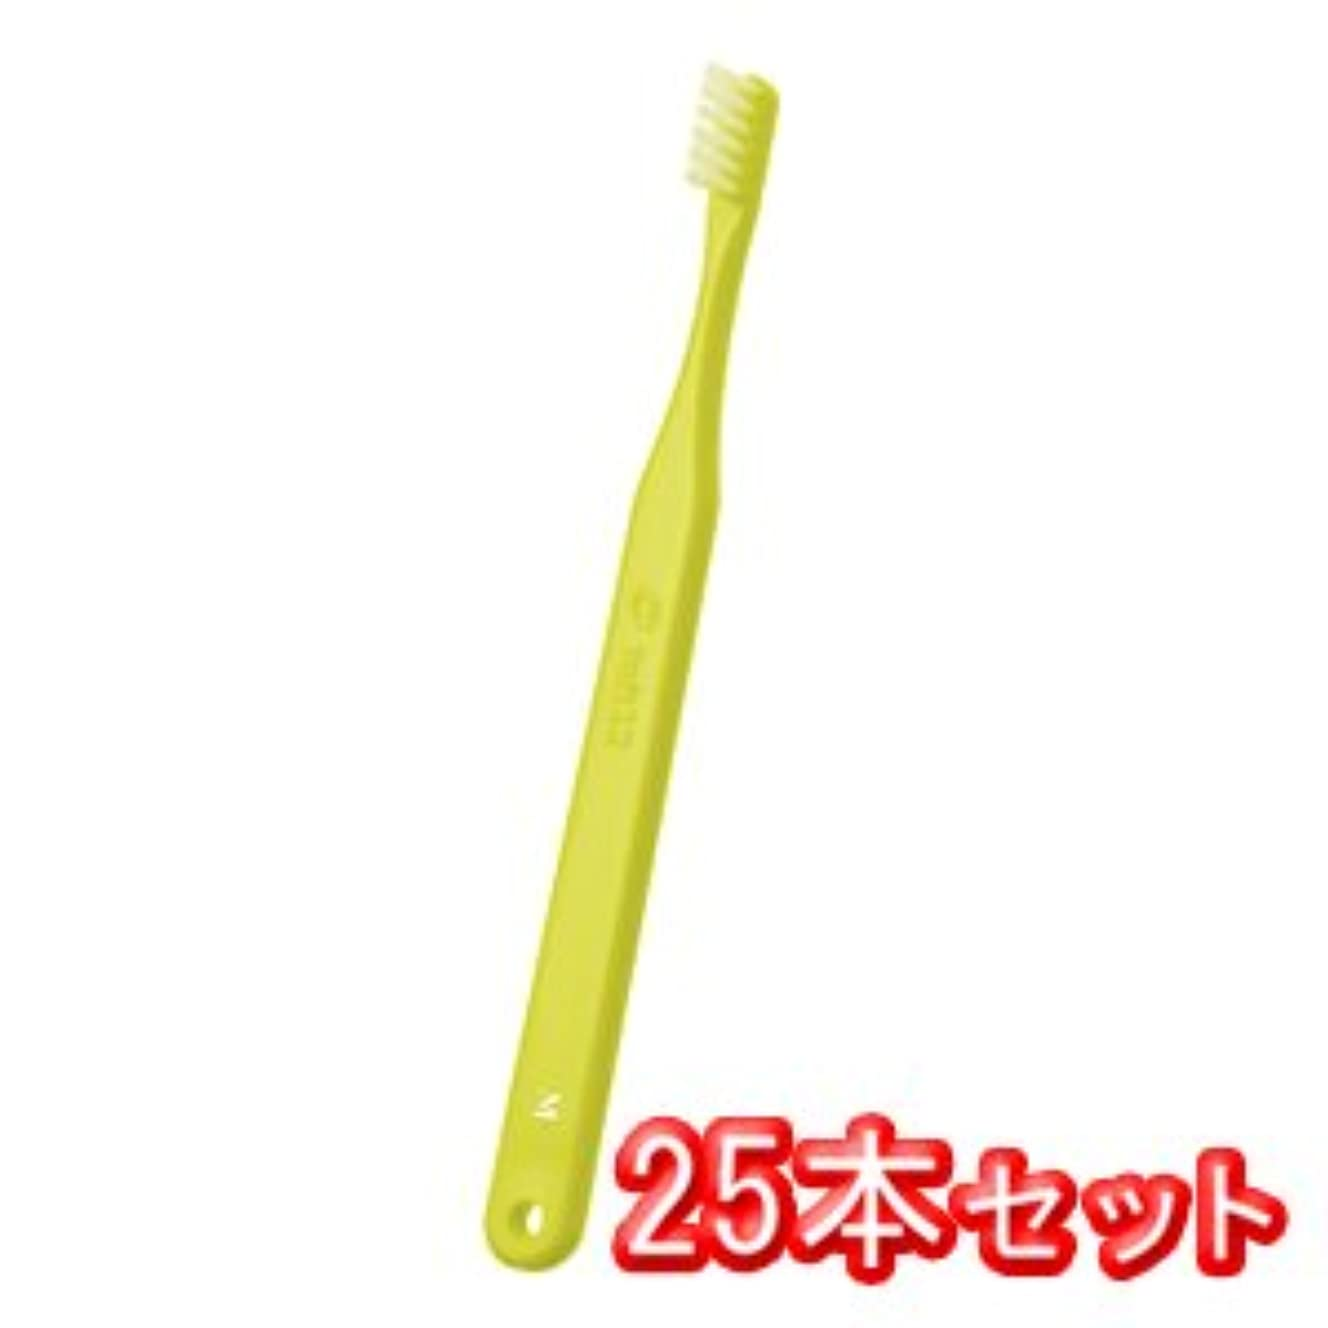 にはまって最初はブリークオーラルケア タフト12 歯ブラシ 25本入 ミディアム M イエロー